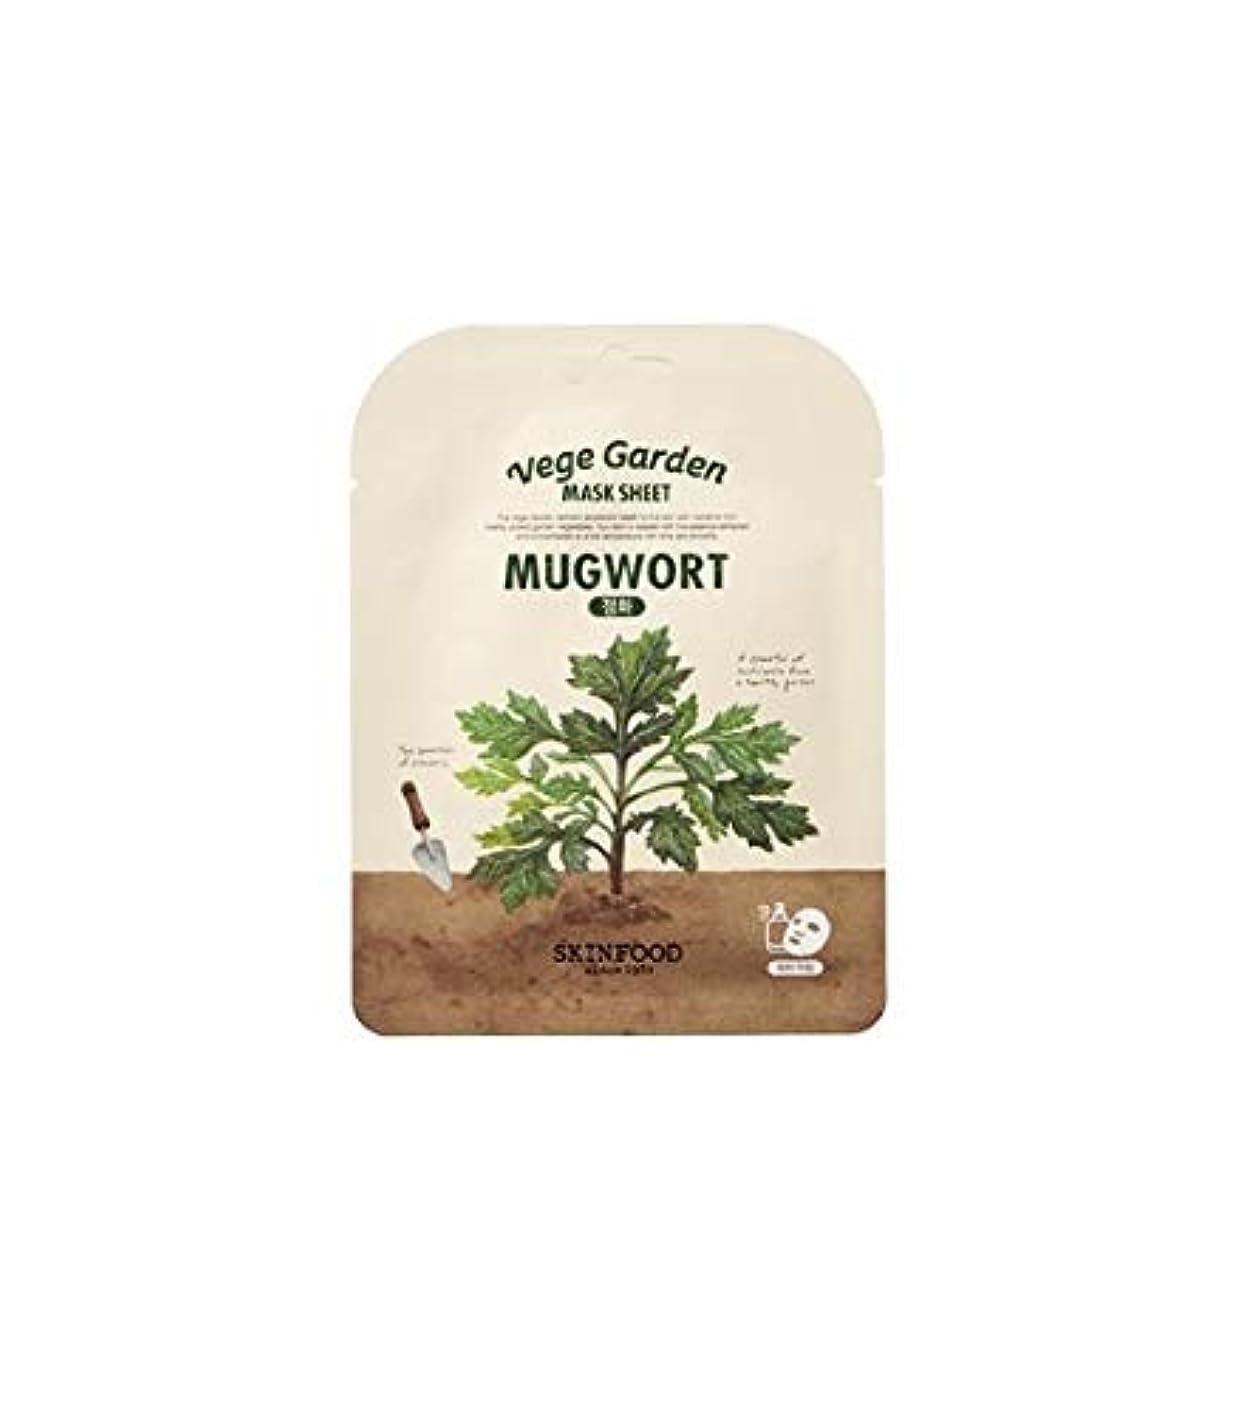 相談する中止します復活するSkinfood ベジガーデンマスクシート#ヨモギ* 10ea / Vege Garden Mask Sheet #Mugwort *10ea 20ml*10 [並行輸入品]